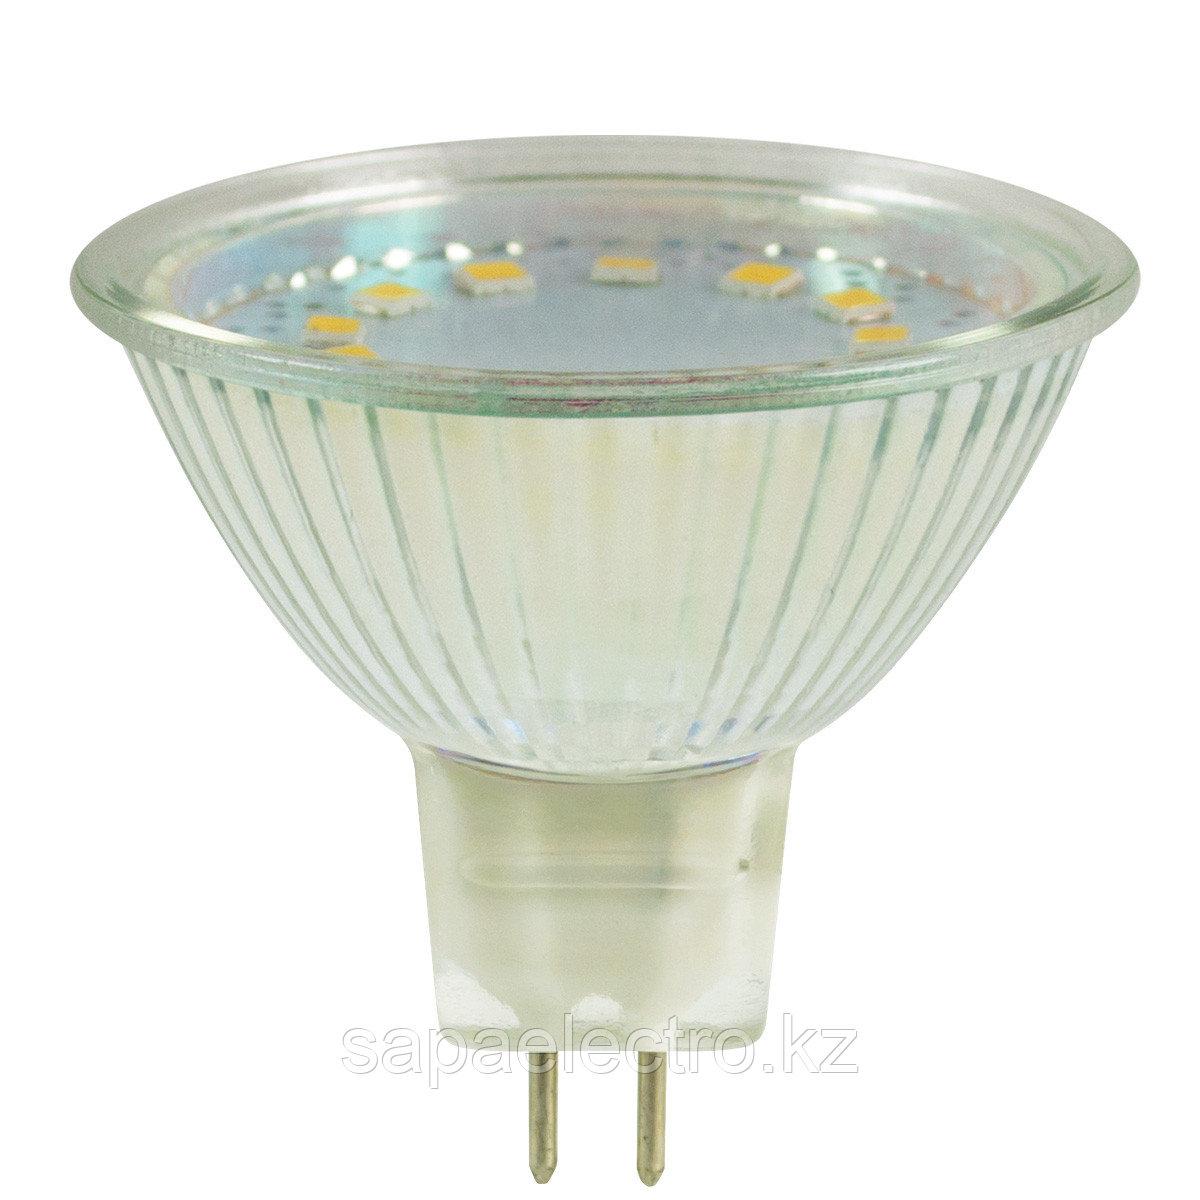 Lampa LED MR16 3W 210LM 6000K GU5,3 12V (TL)100sht